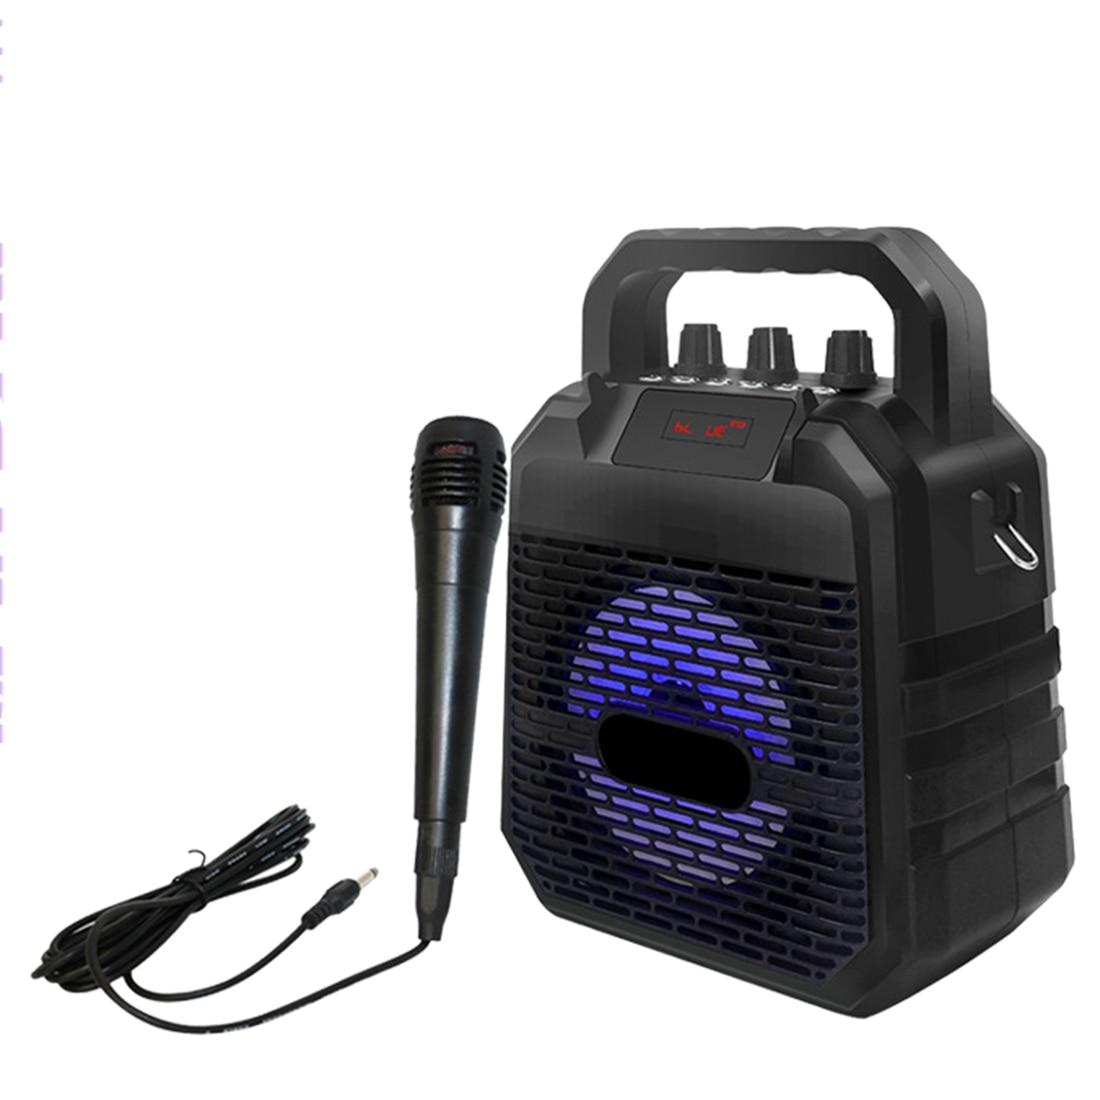 fio maquina de karaoke instrumento musical branca 05